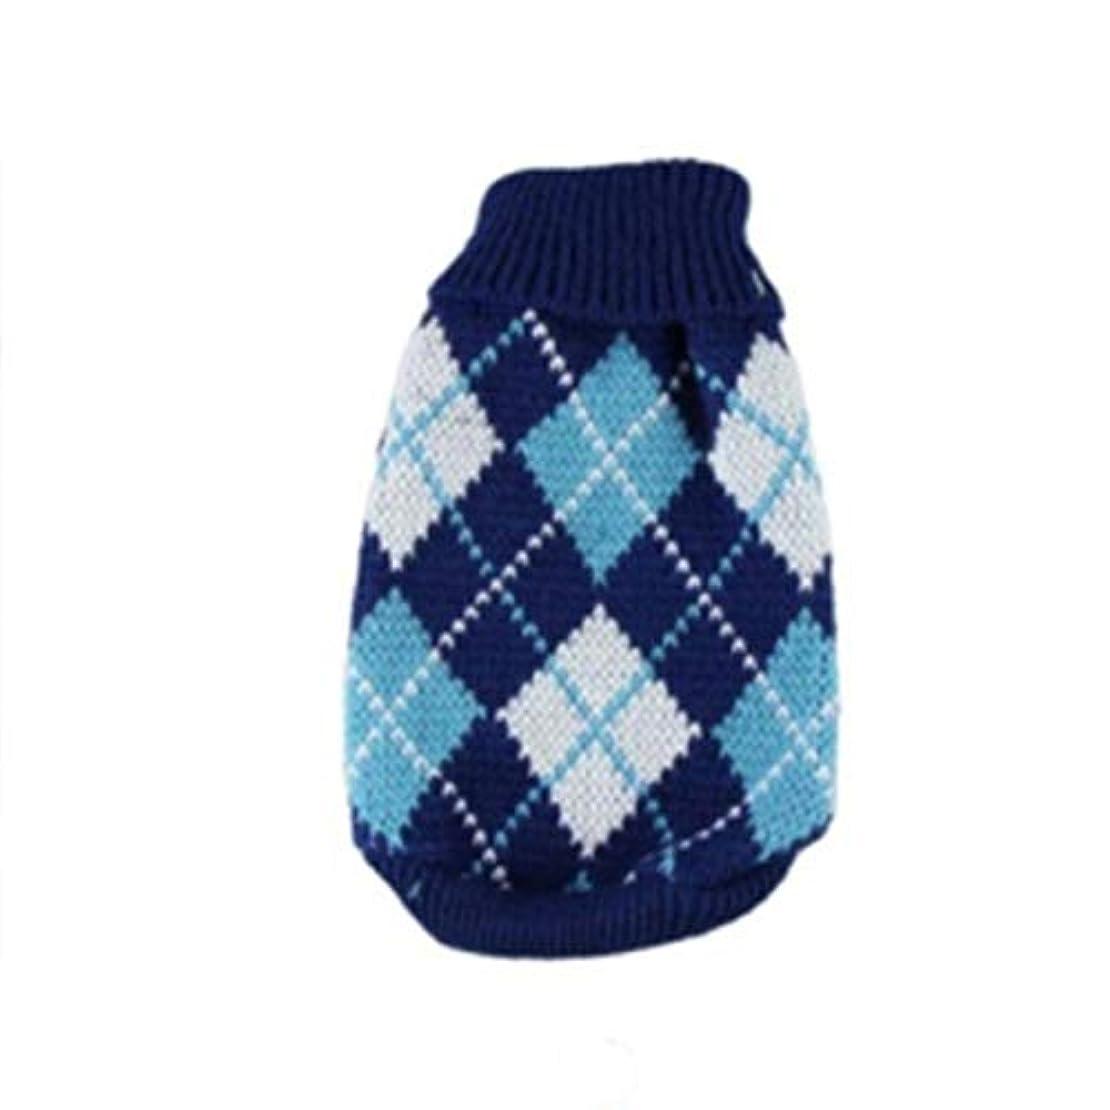 栄光発疹ダウンタウンSaikogoods 軽量ペットの暖かいセーターユニバーサル犬服ファッションソフト犬服ハイカラー快適なペットのコート 青 XS